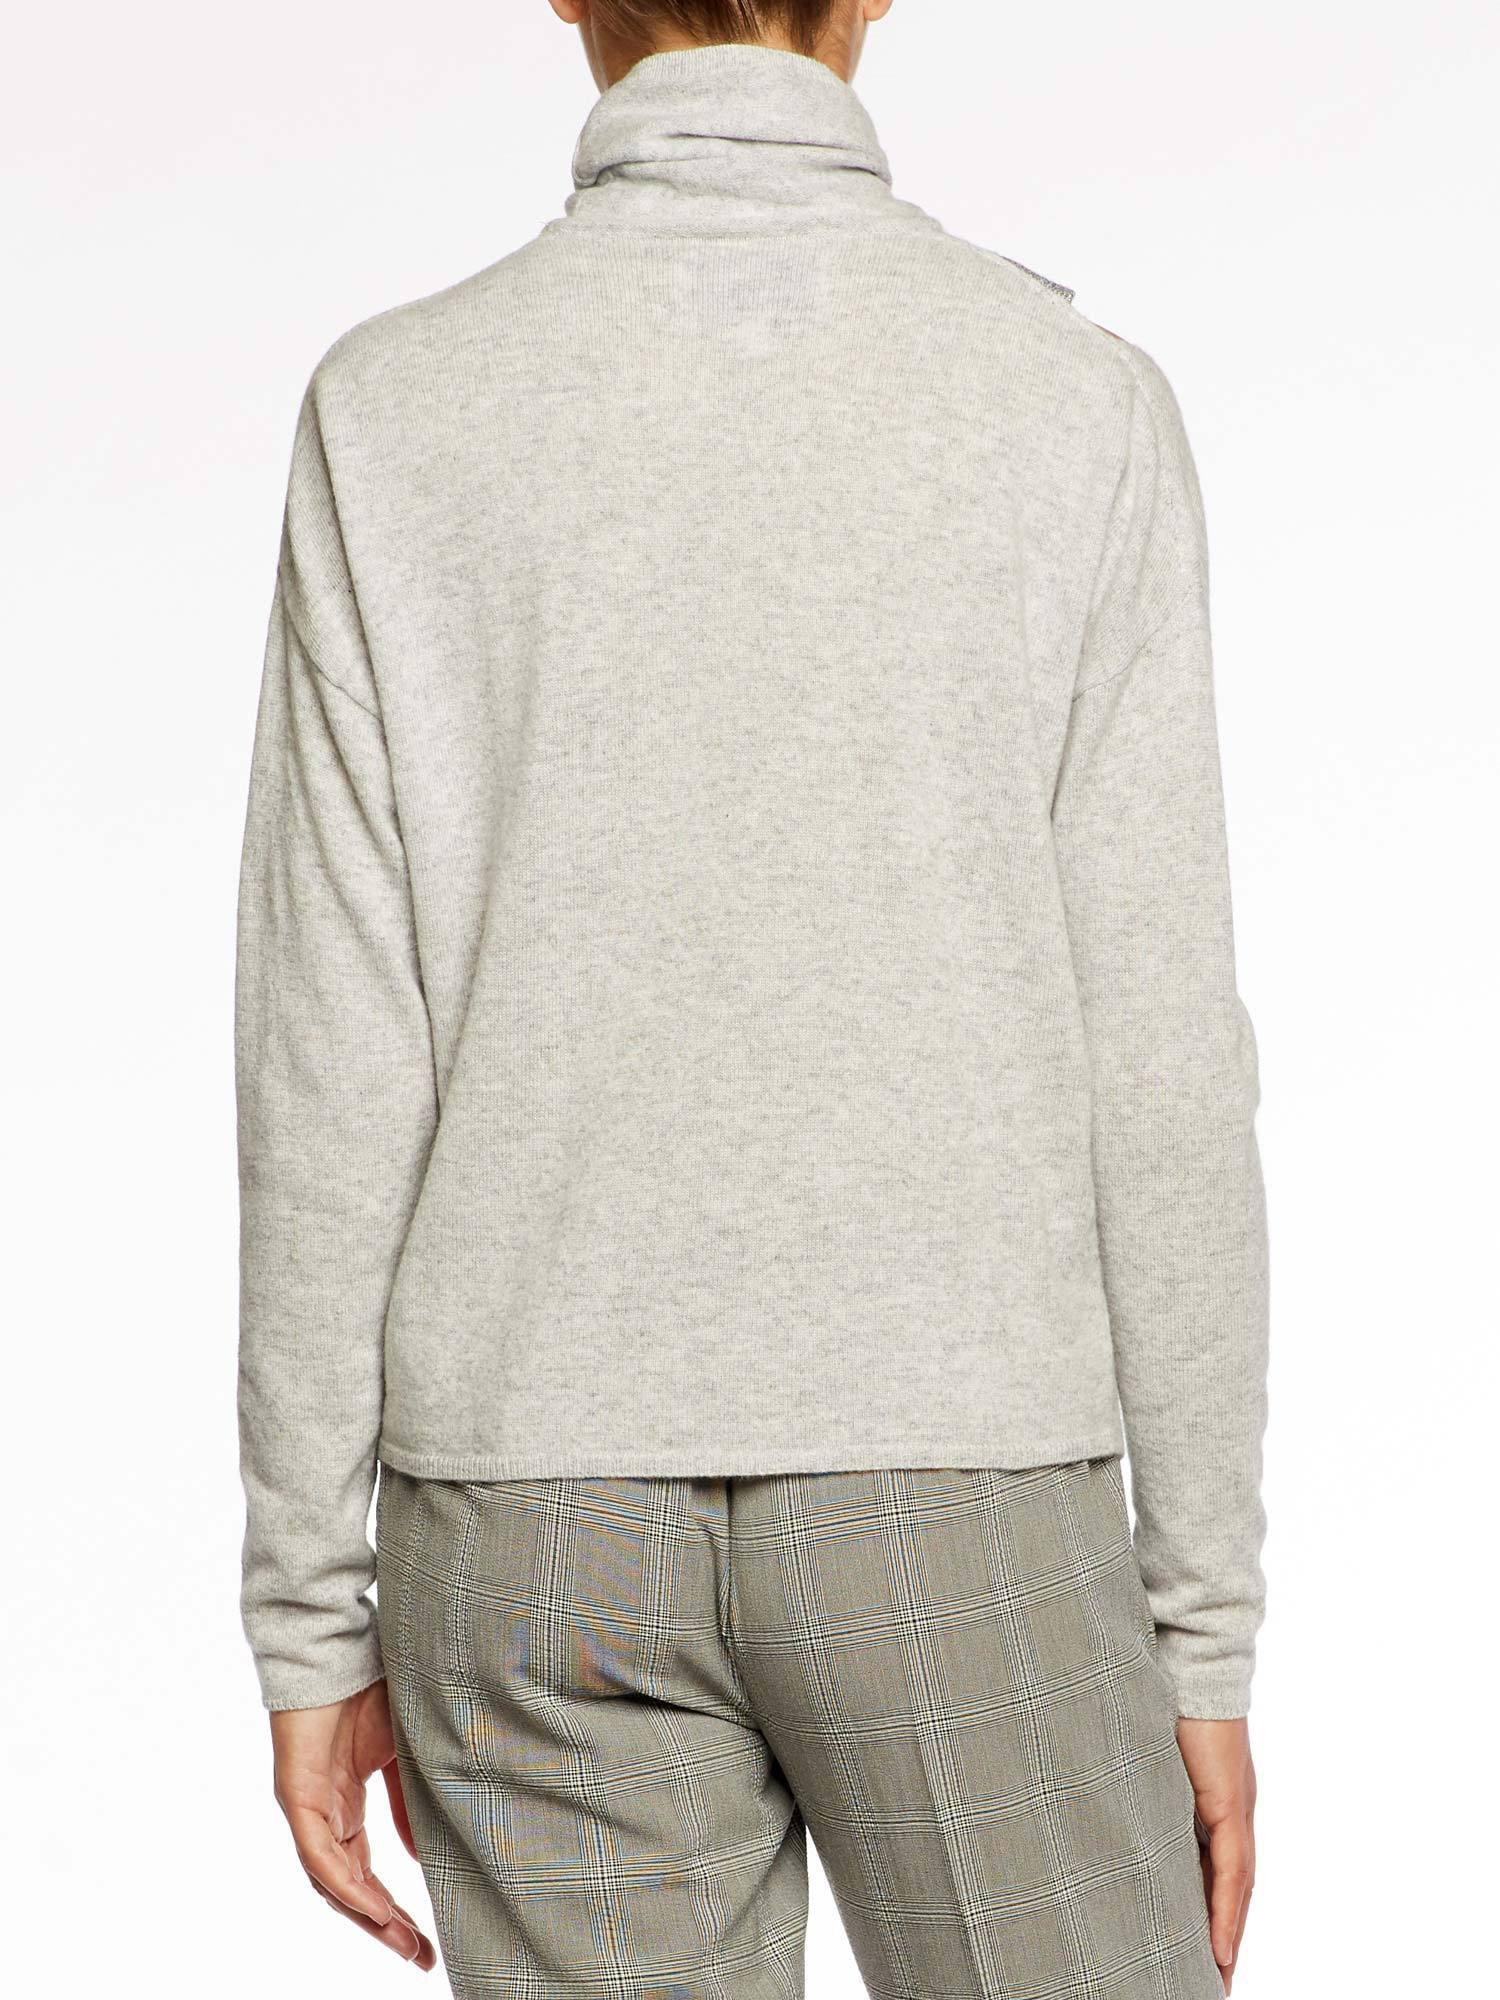 ec80326e097cc9 Brochu Walker - Multicolor The Fae Cut Shoulder Pullover - Lyst. View  fullscreen